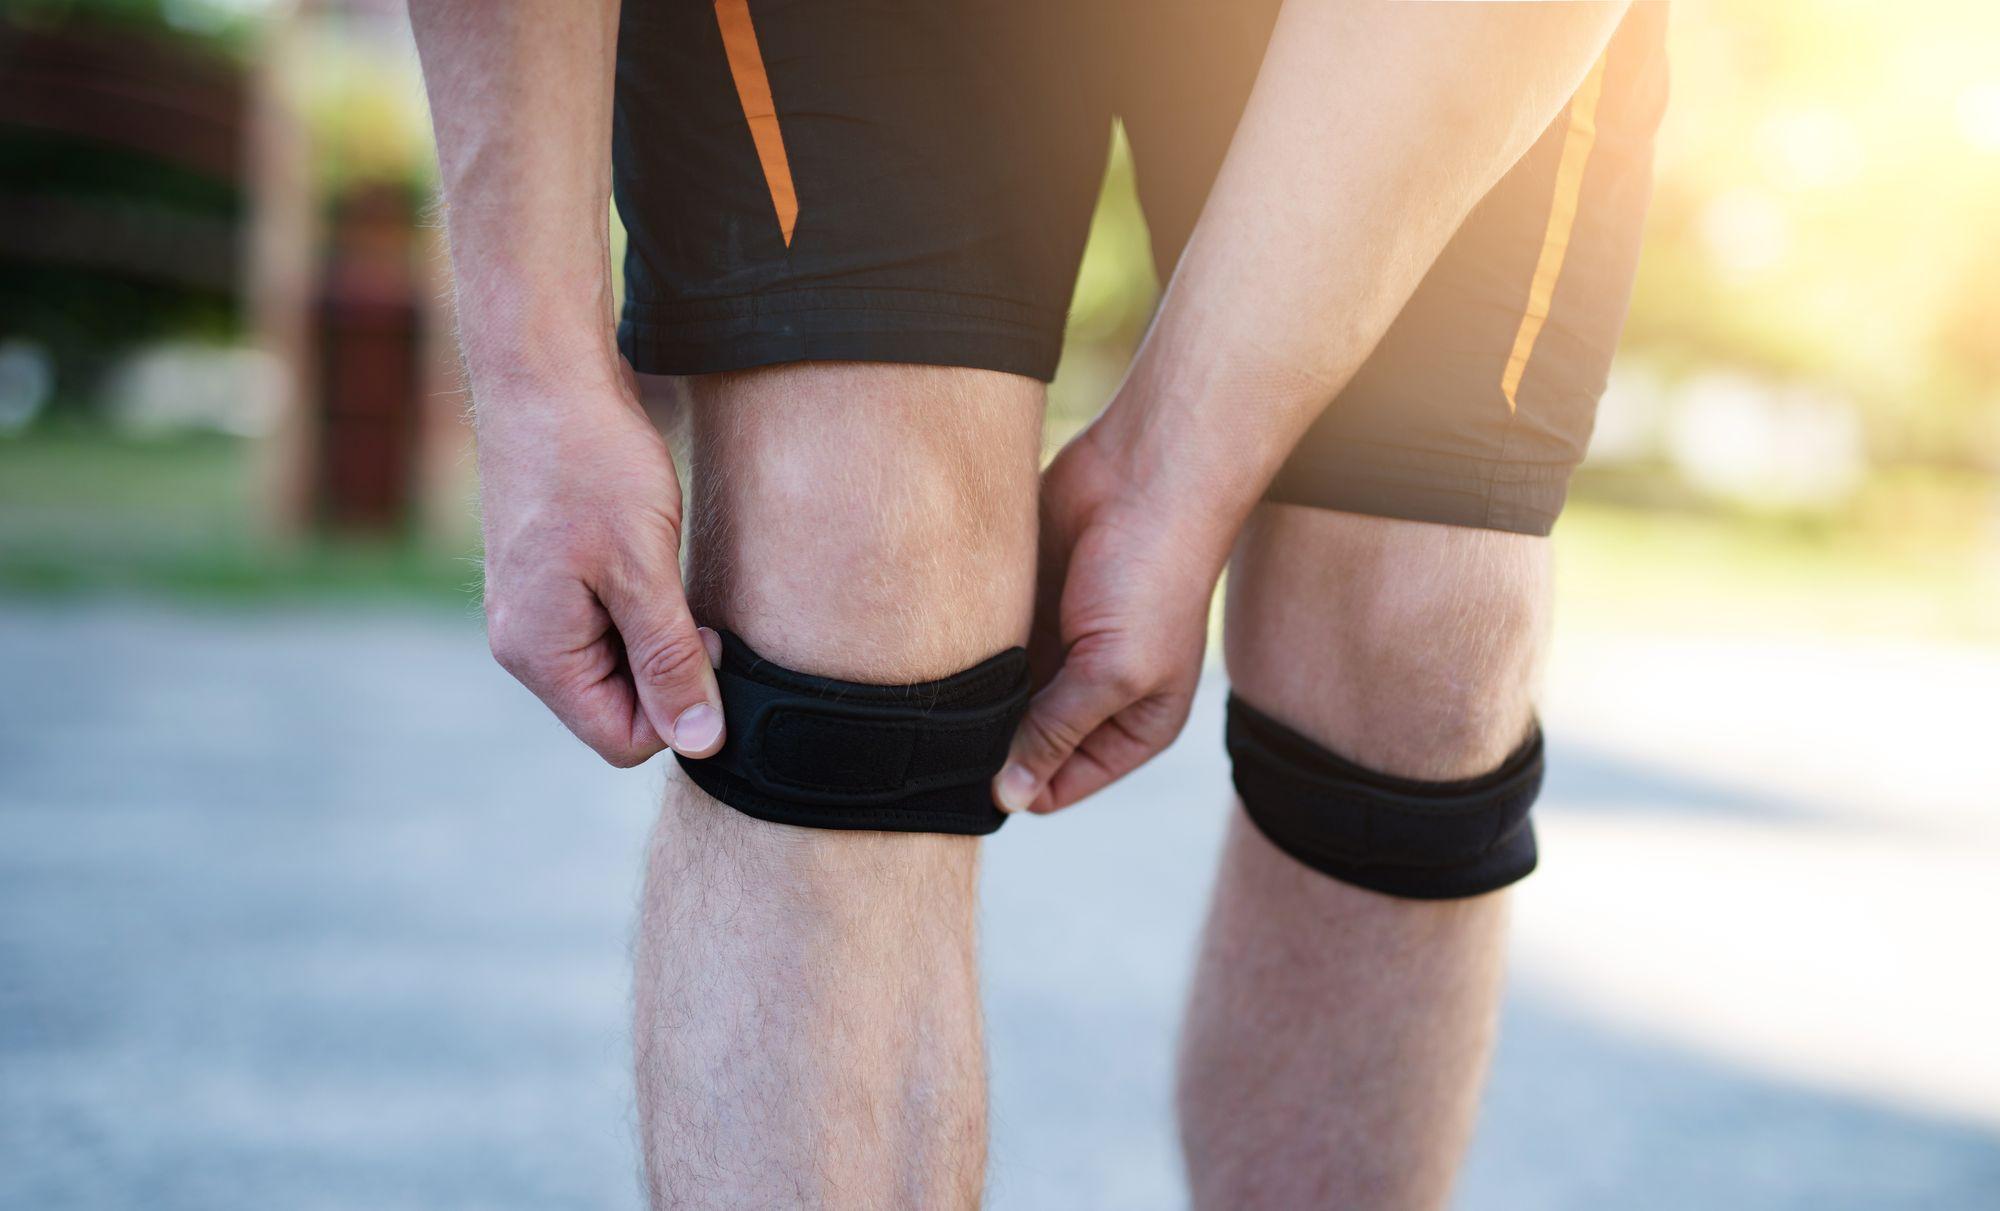 Co sprzedawać w 2021 - stabilizatory kolana